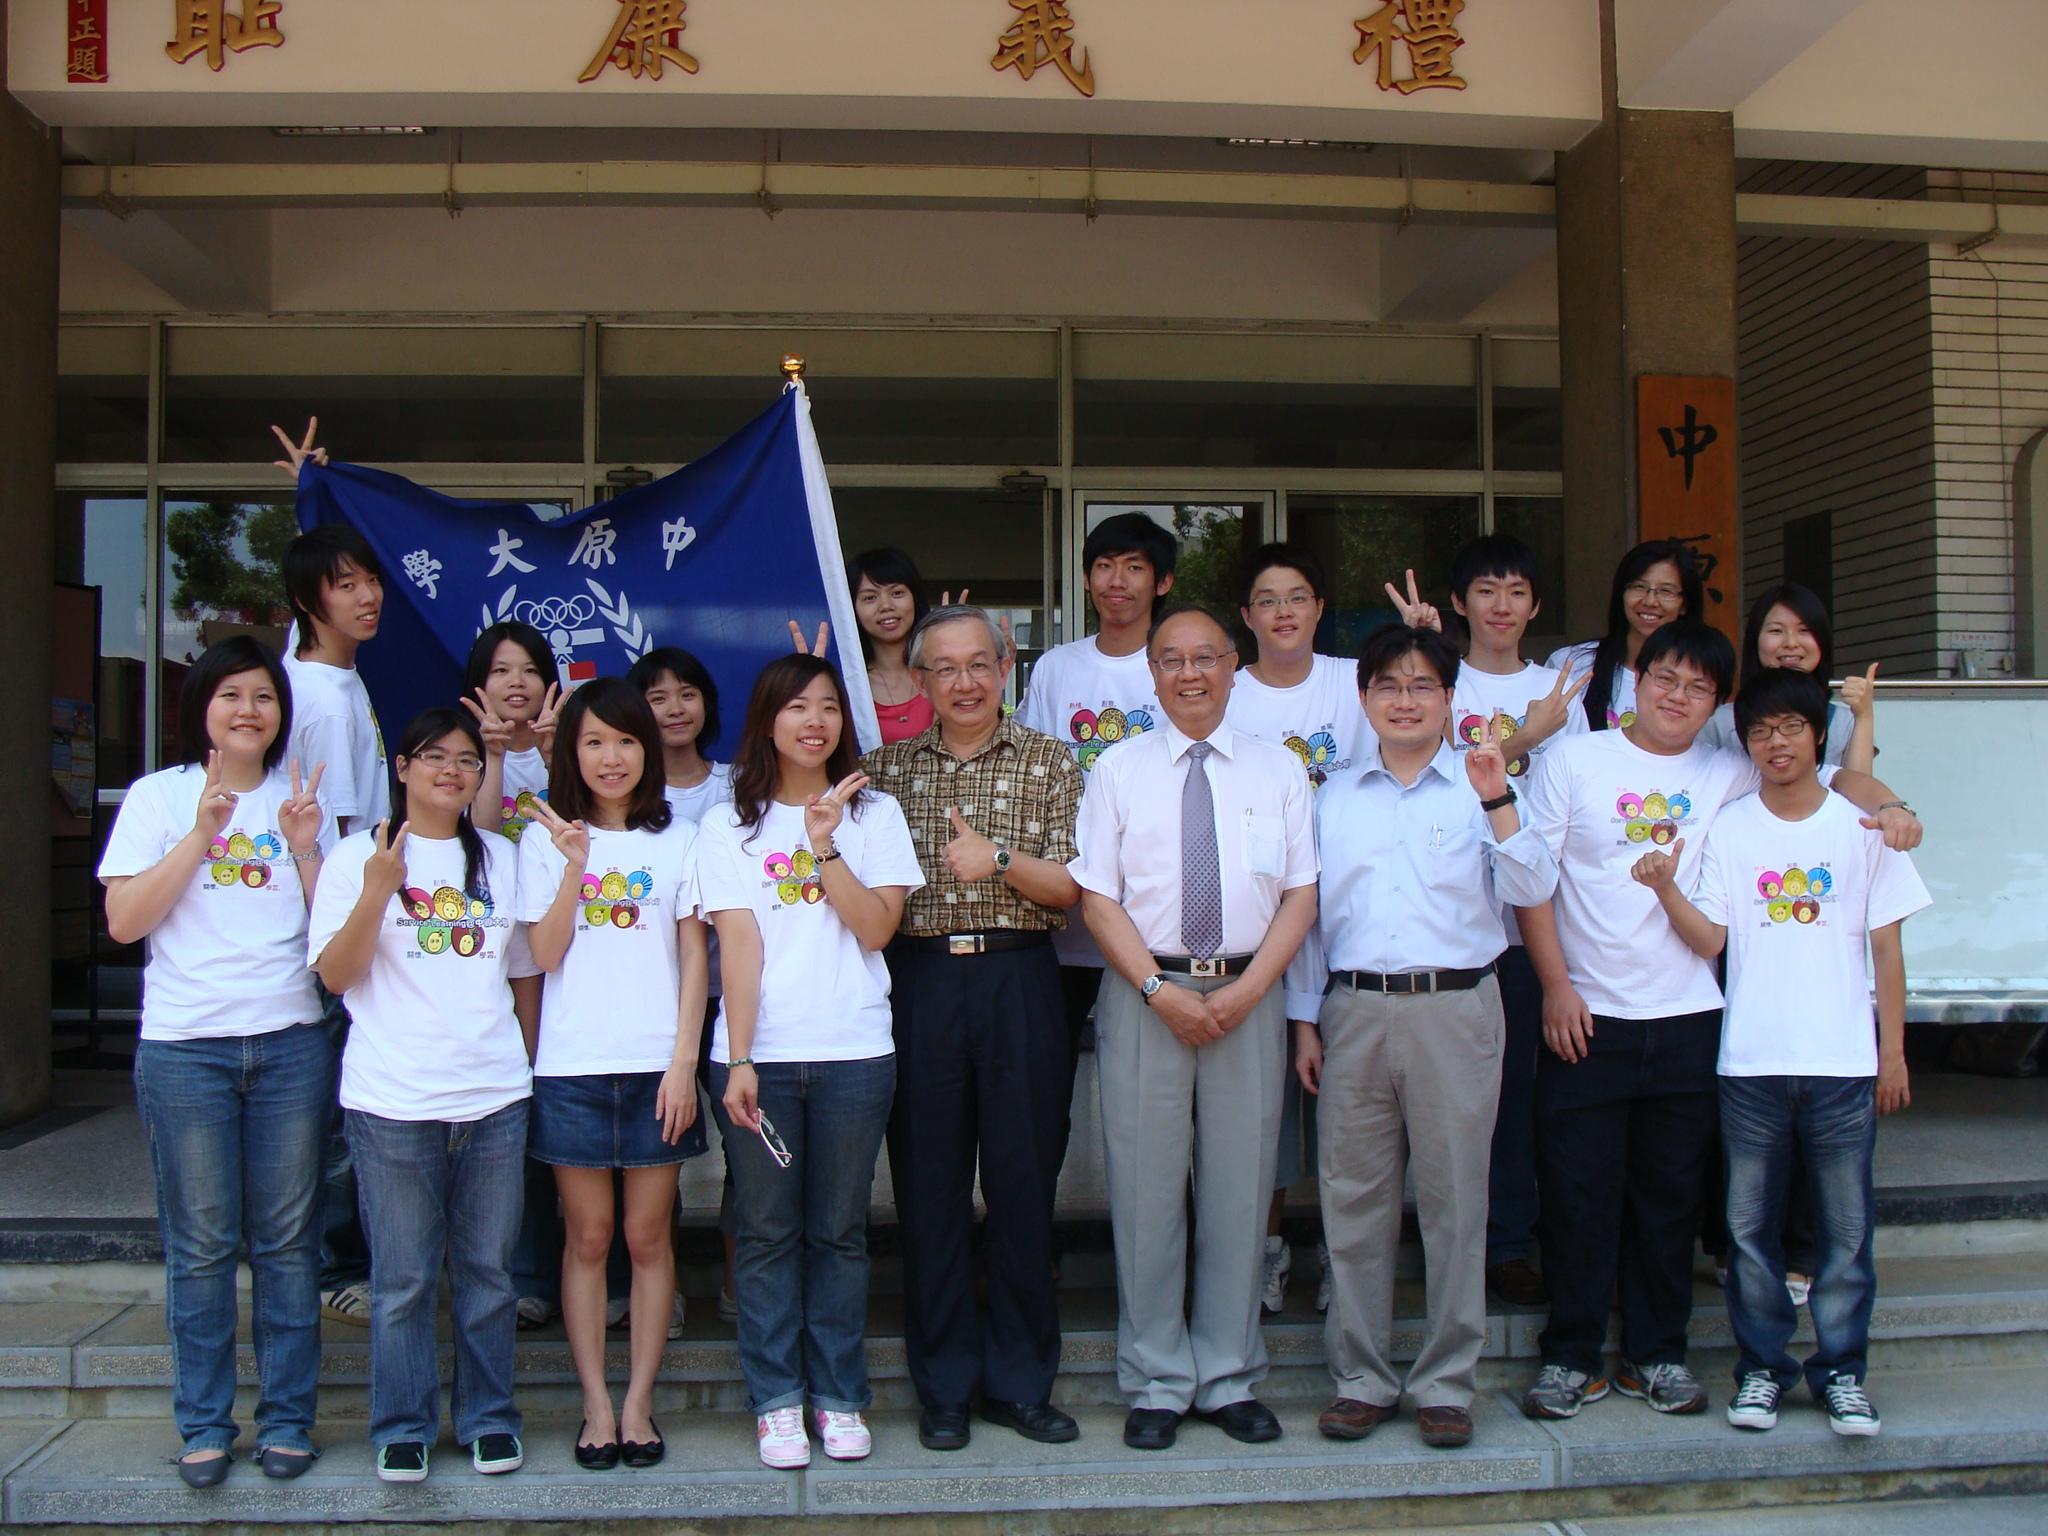 中原大學海外志工團隊 分別赴北印度與柬埔寨進行資訊教育服務